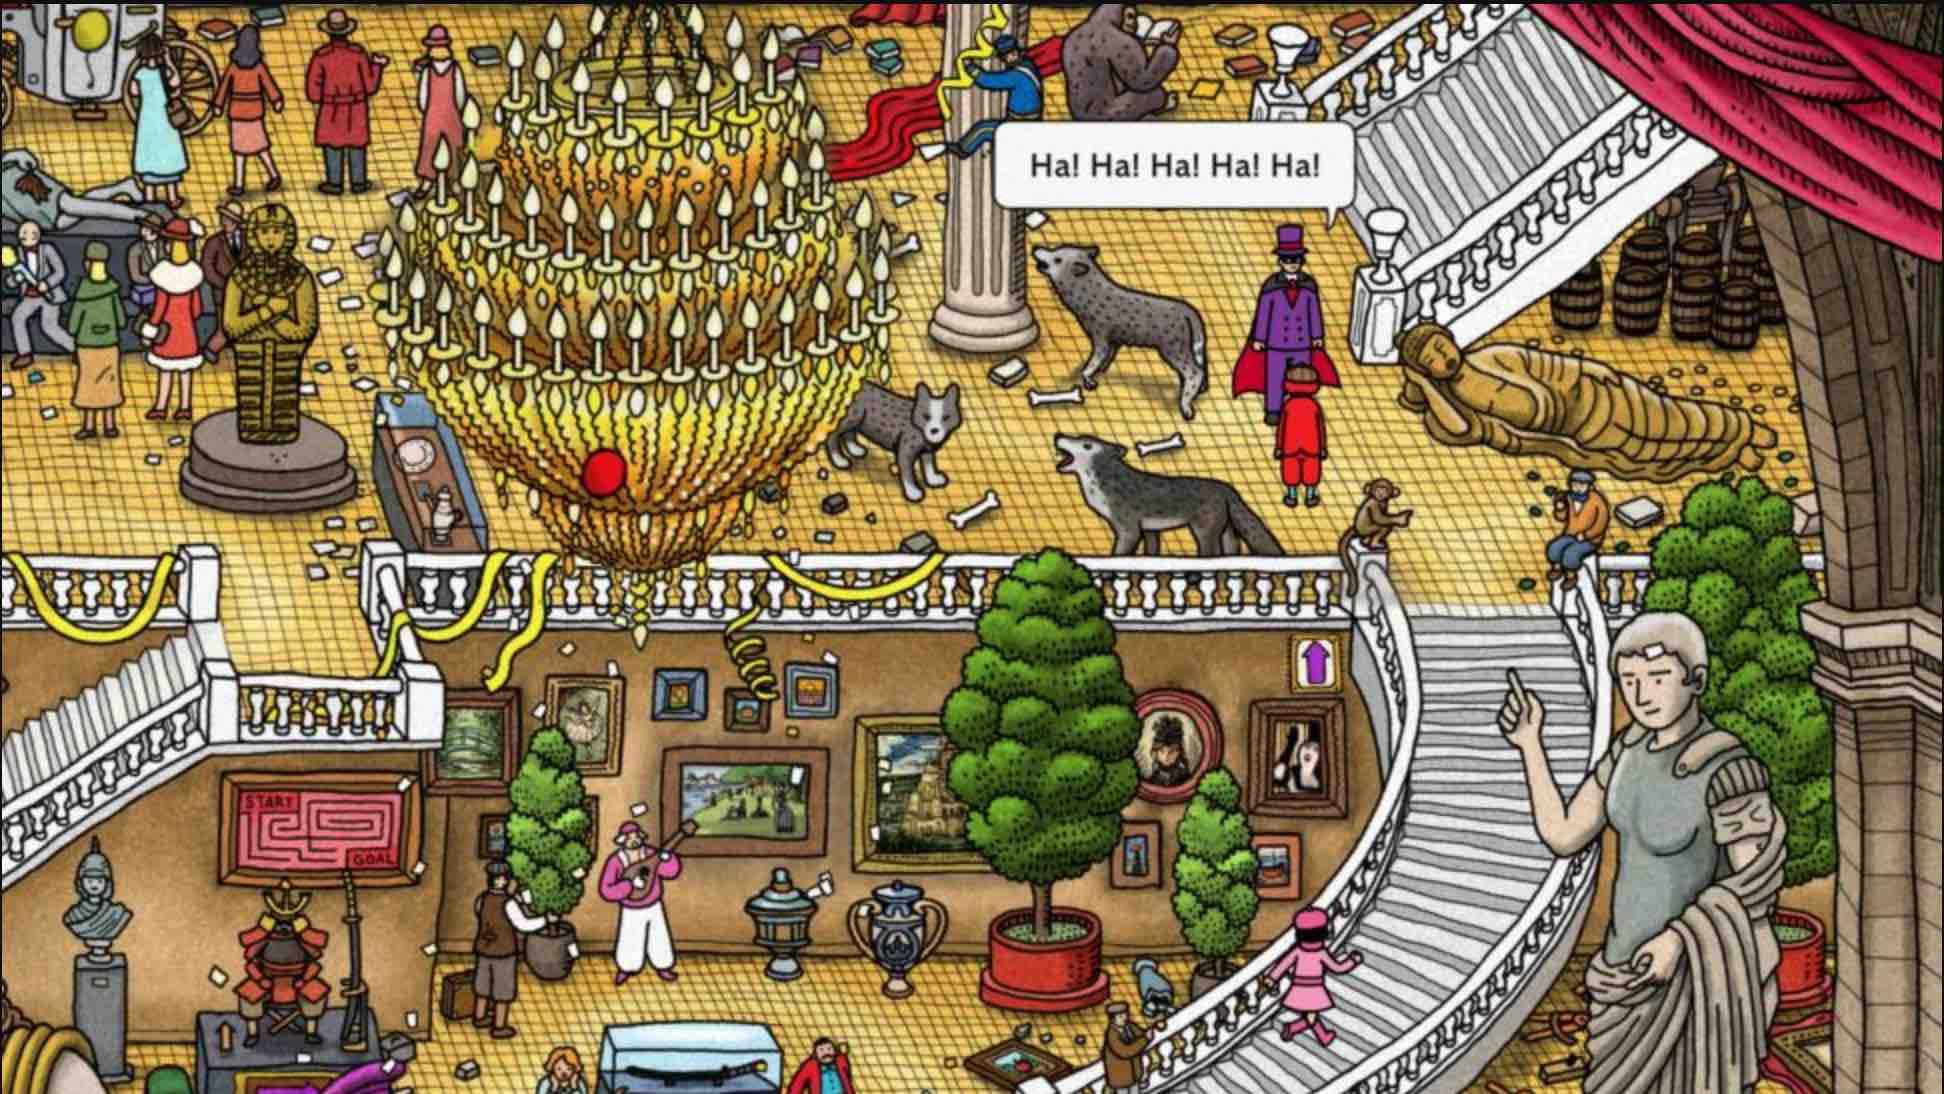 Labyrinth City: Pierre the Maze Detective: tựa game lý tưởng dành cho các game thủ yêu thích thể loại phiêu lưu giải đố